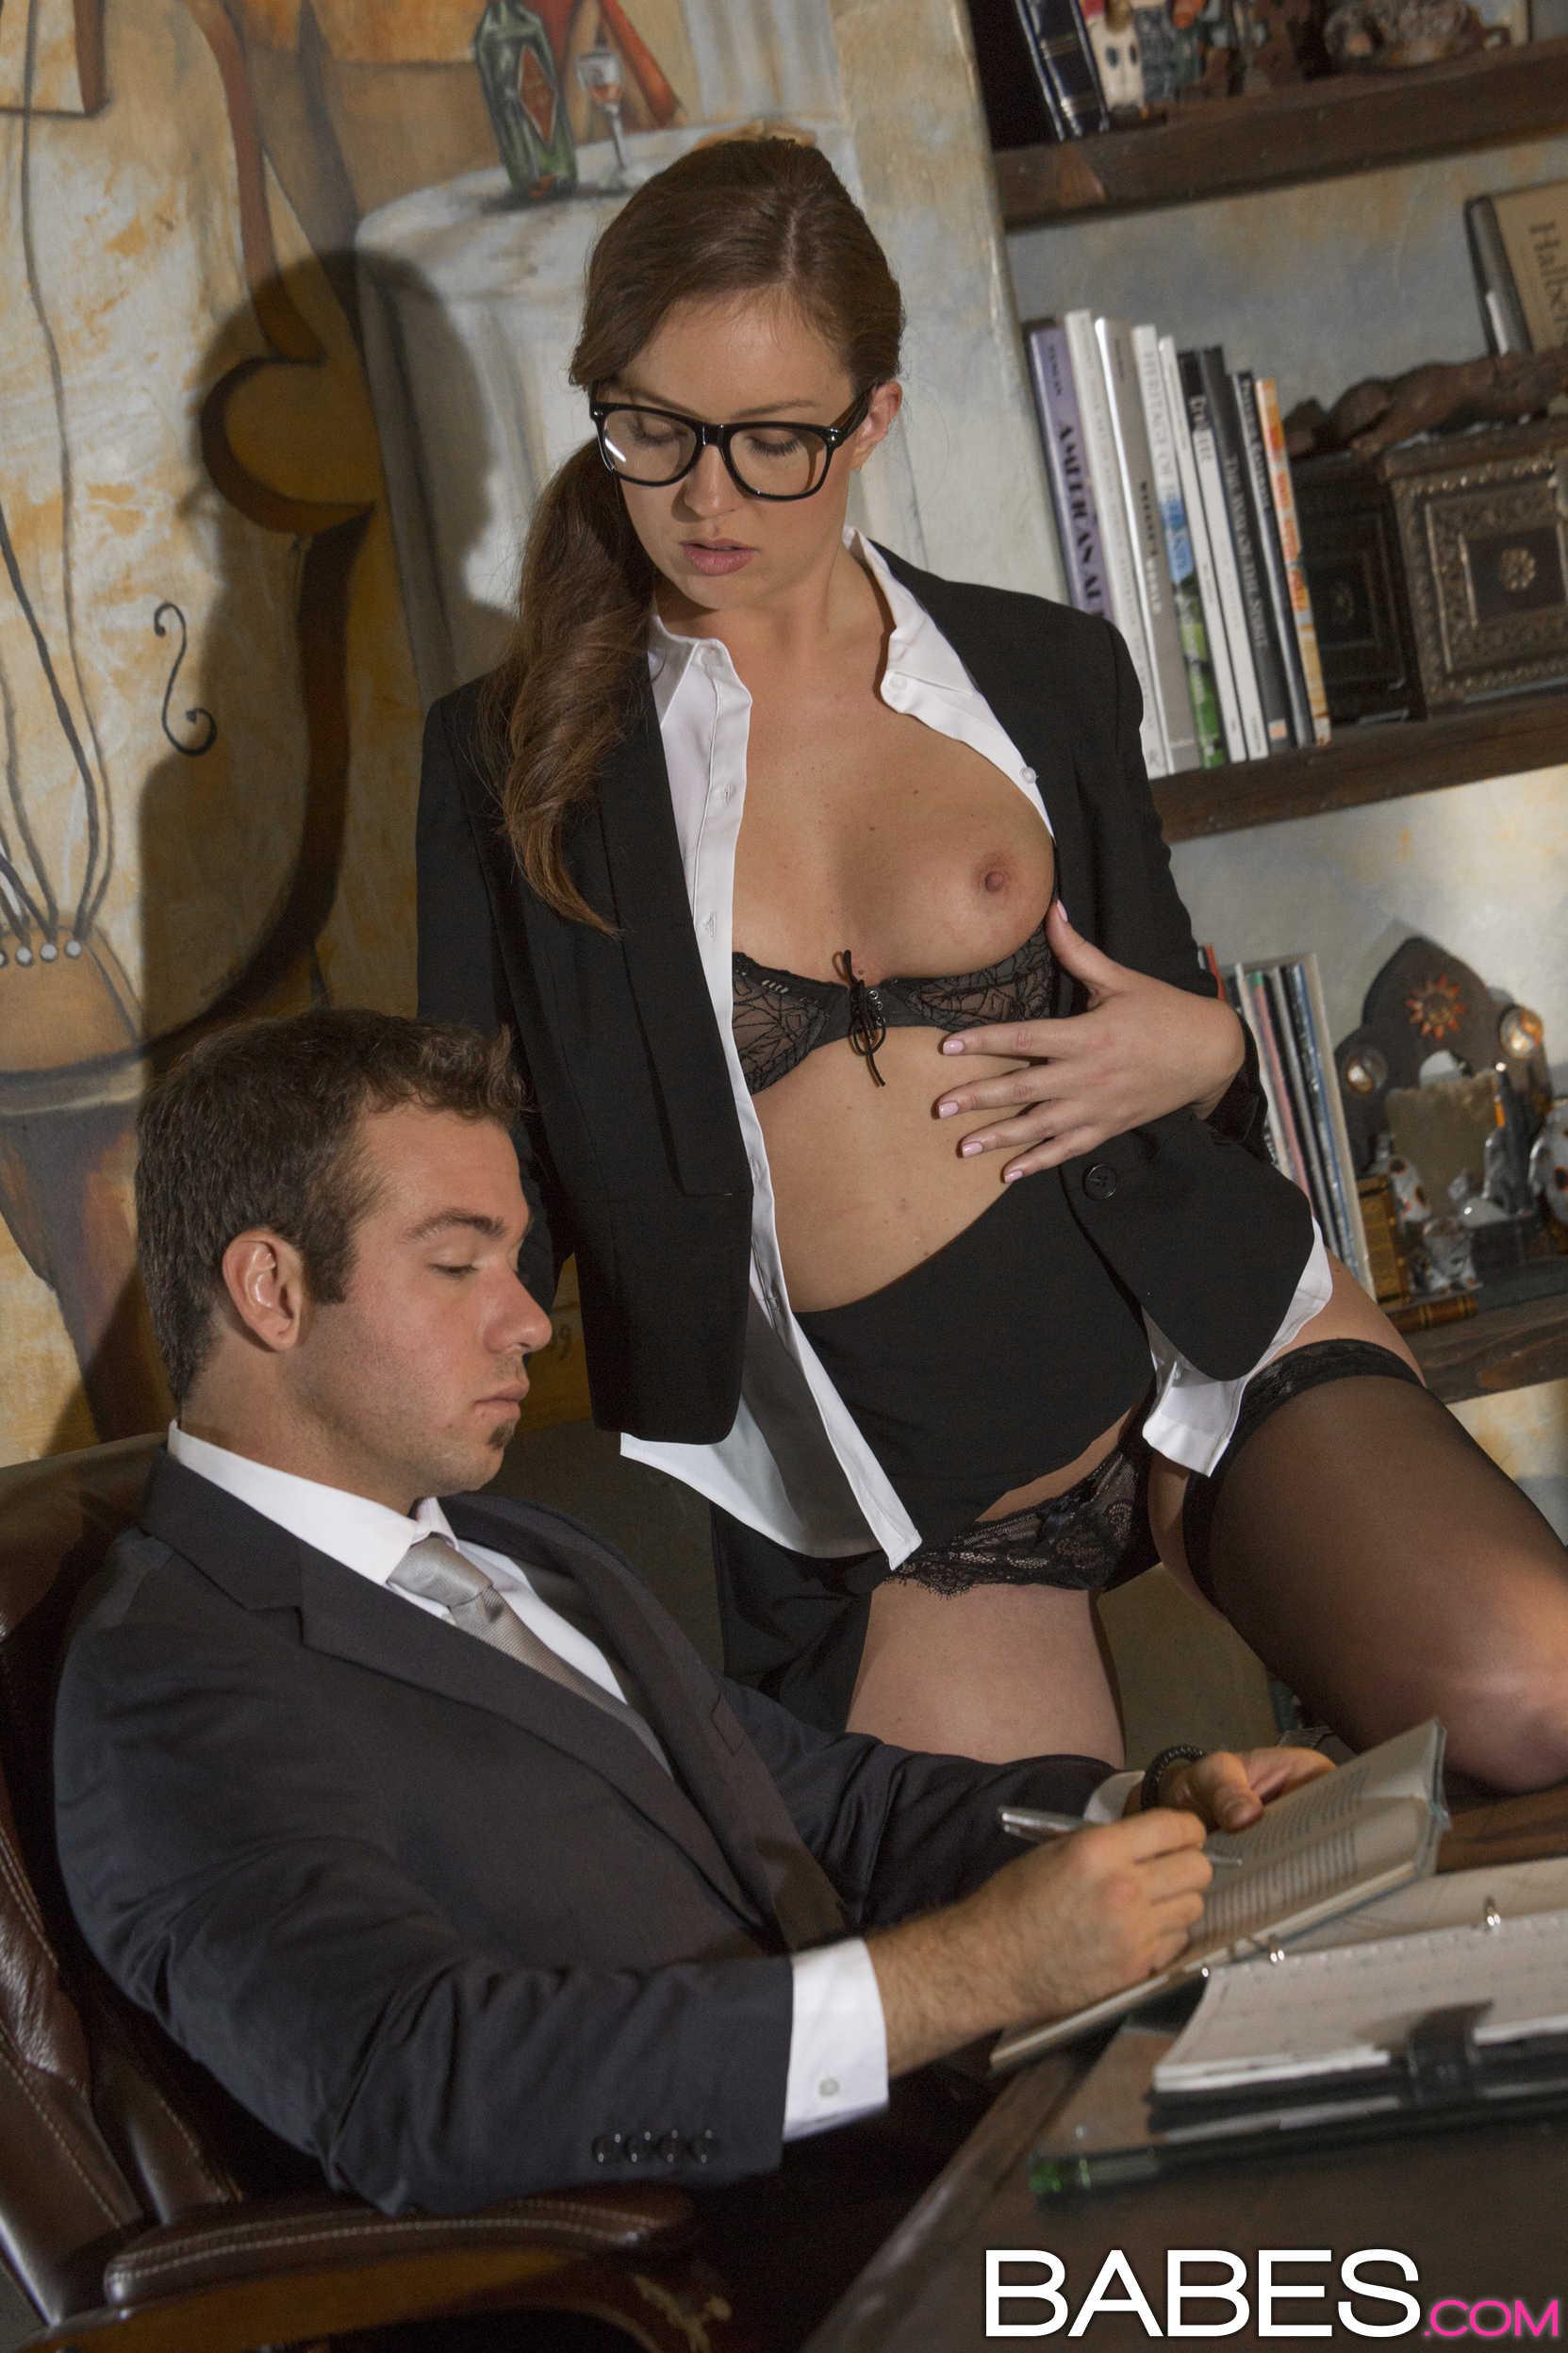 Сексуальная секретарша в чулках соблазнила босса 8